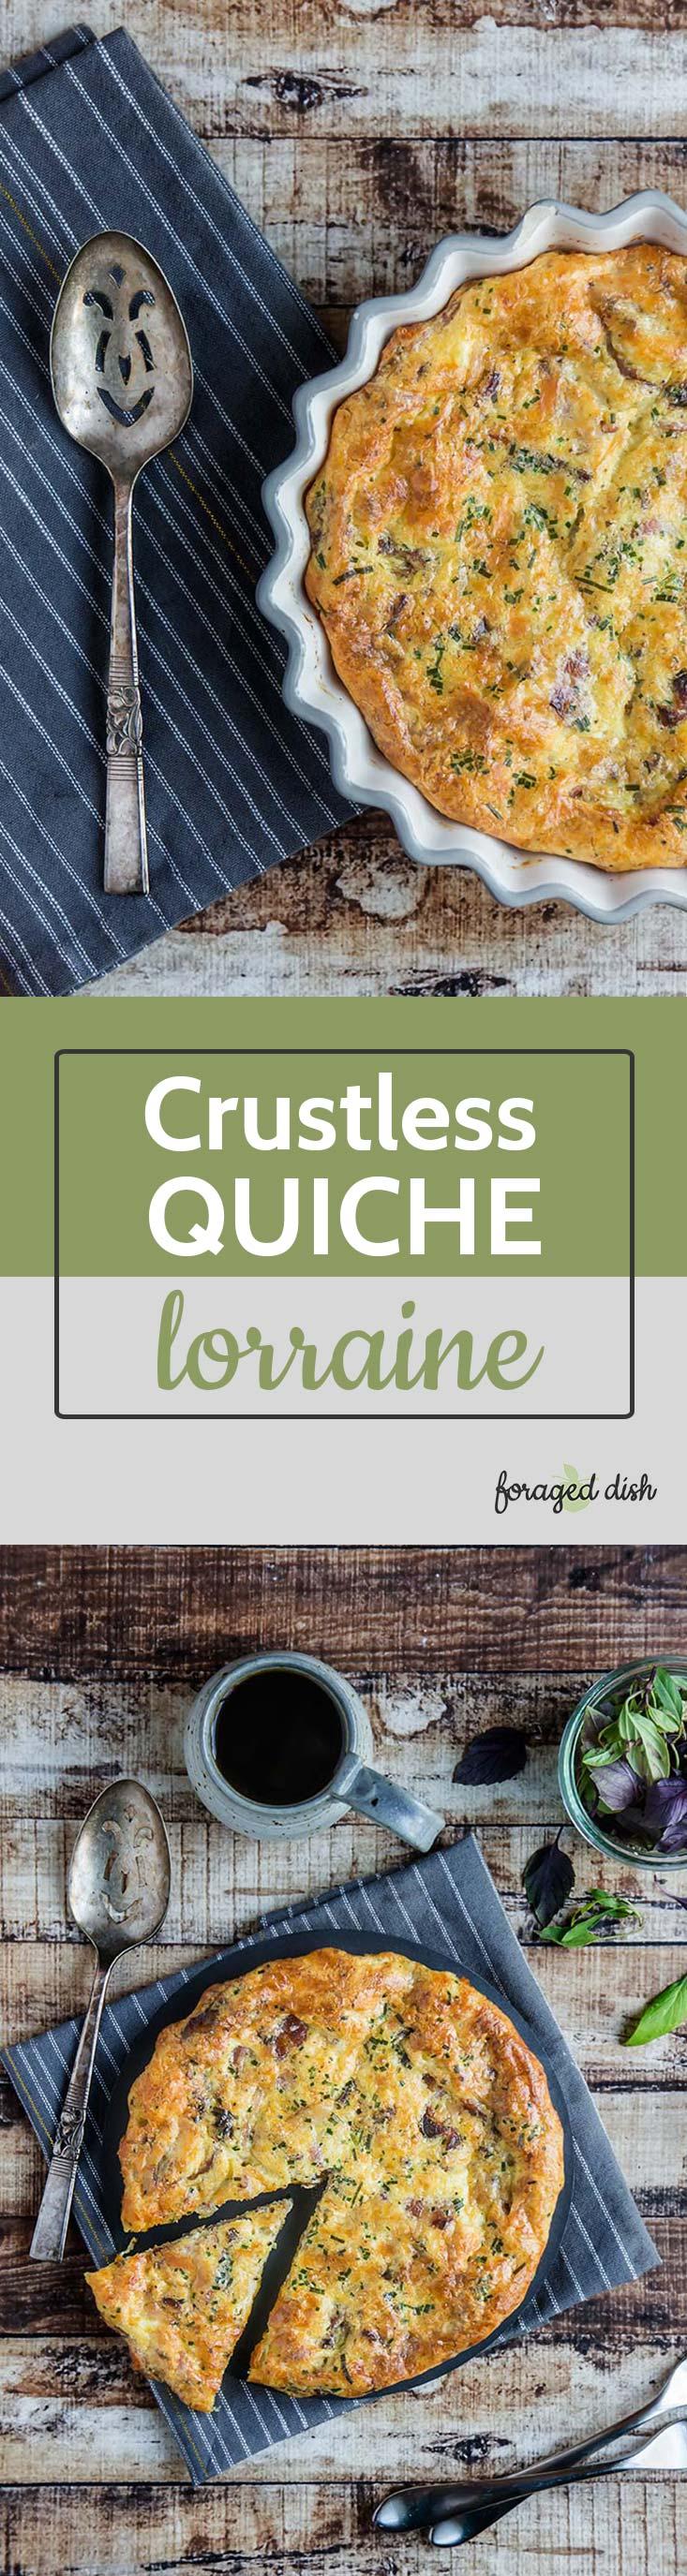 Crustless Quiche Lorraine